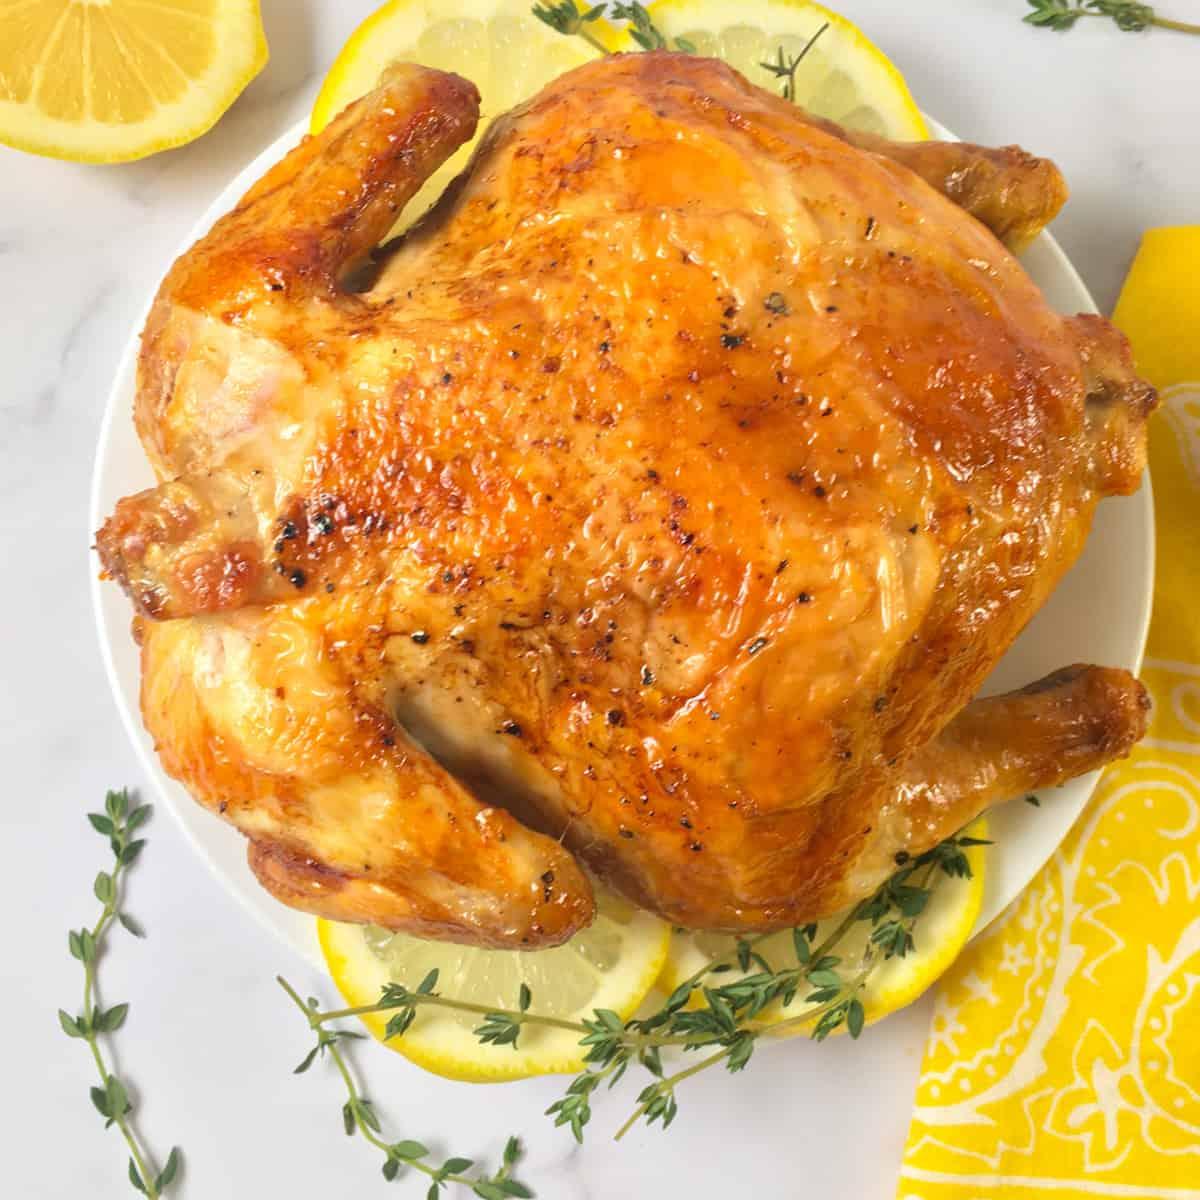 cornish game hen in air fryer